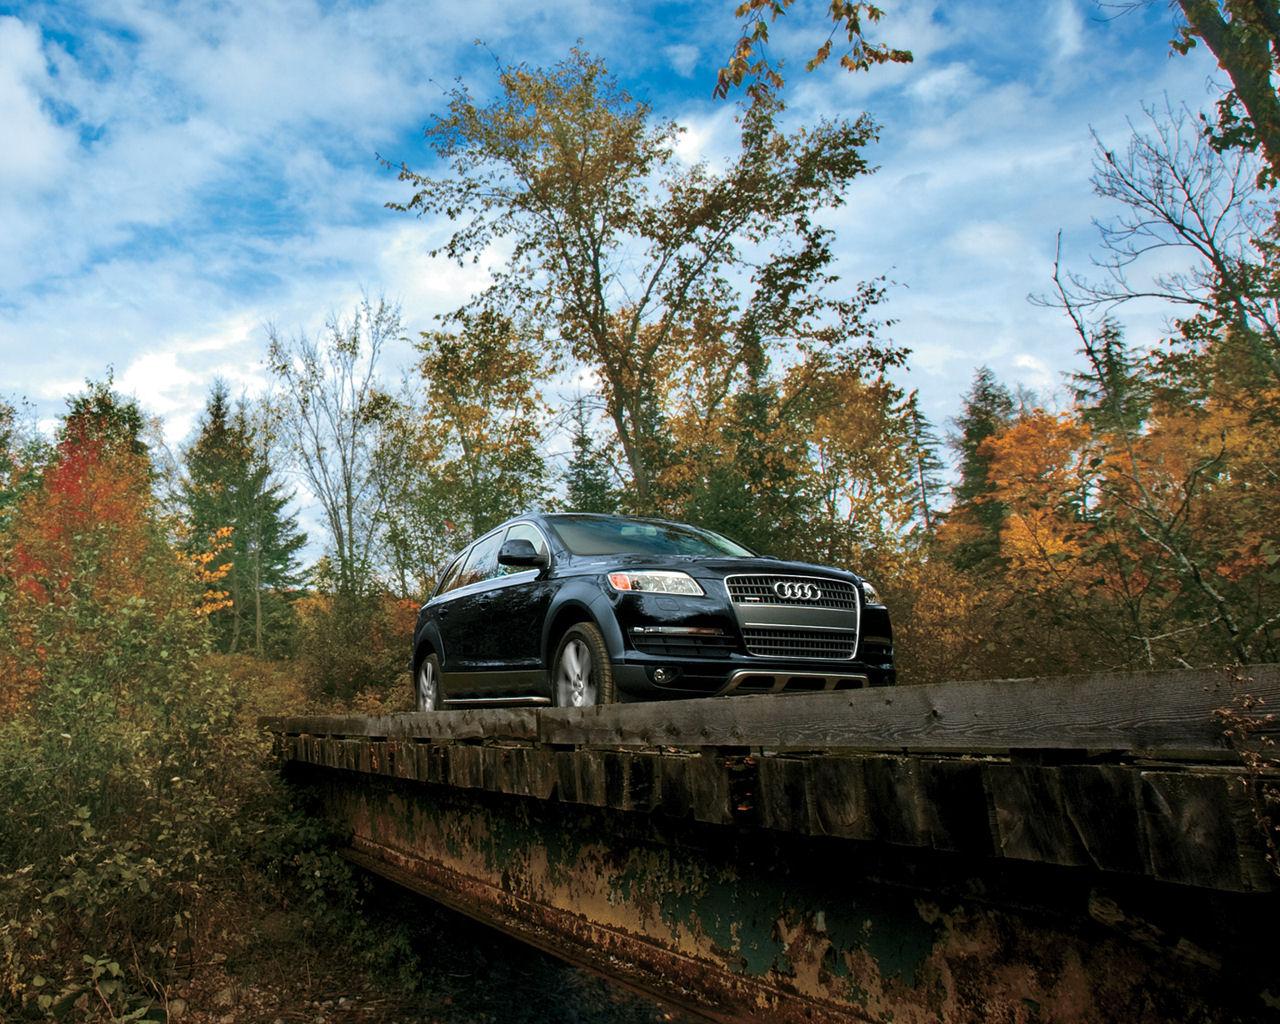 Audi Q7 Car Wallpaper Audi Q7 V6 V8 Tdi Premium Plus Prestige Free